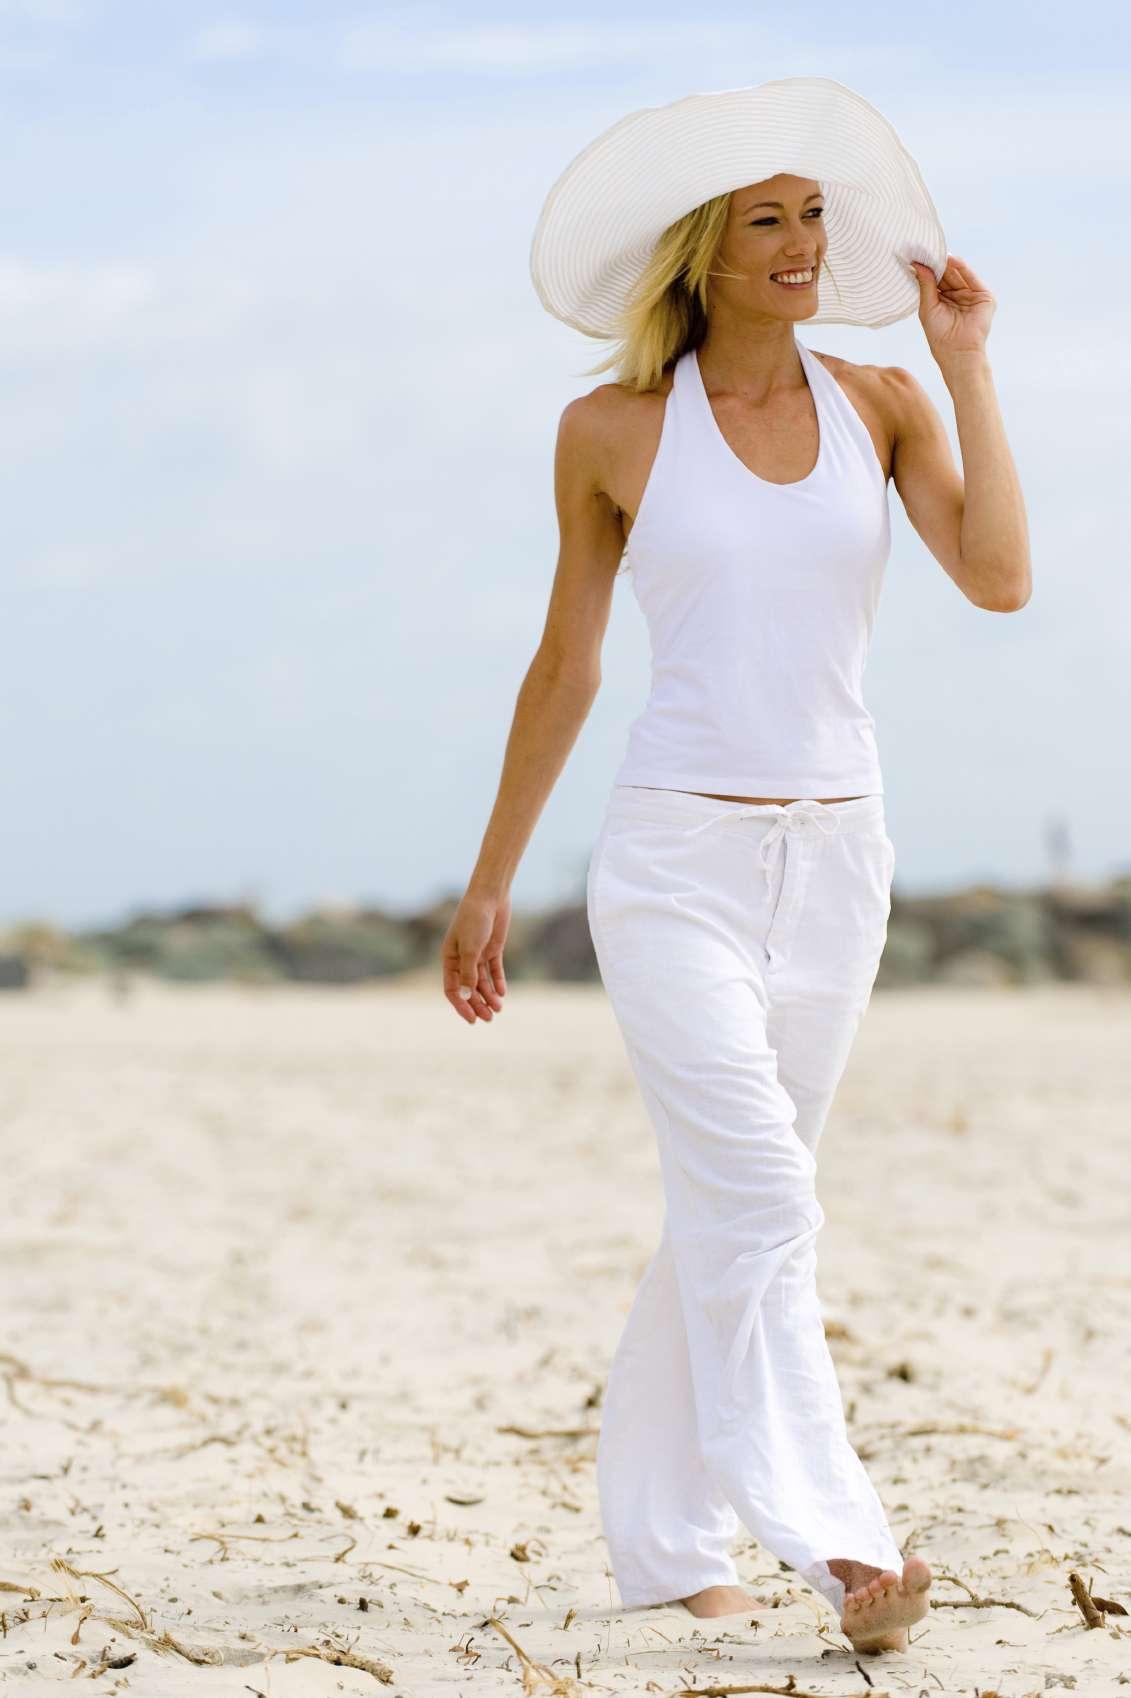 Caminar 60 minutos a velocidad moderada te ayuda a quemar 230 calorías aproximadamente. Foto: iStock